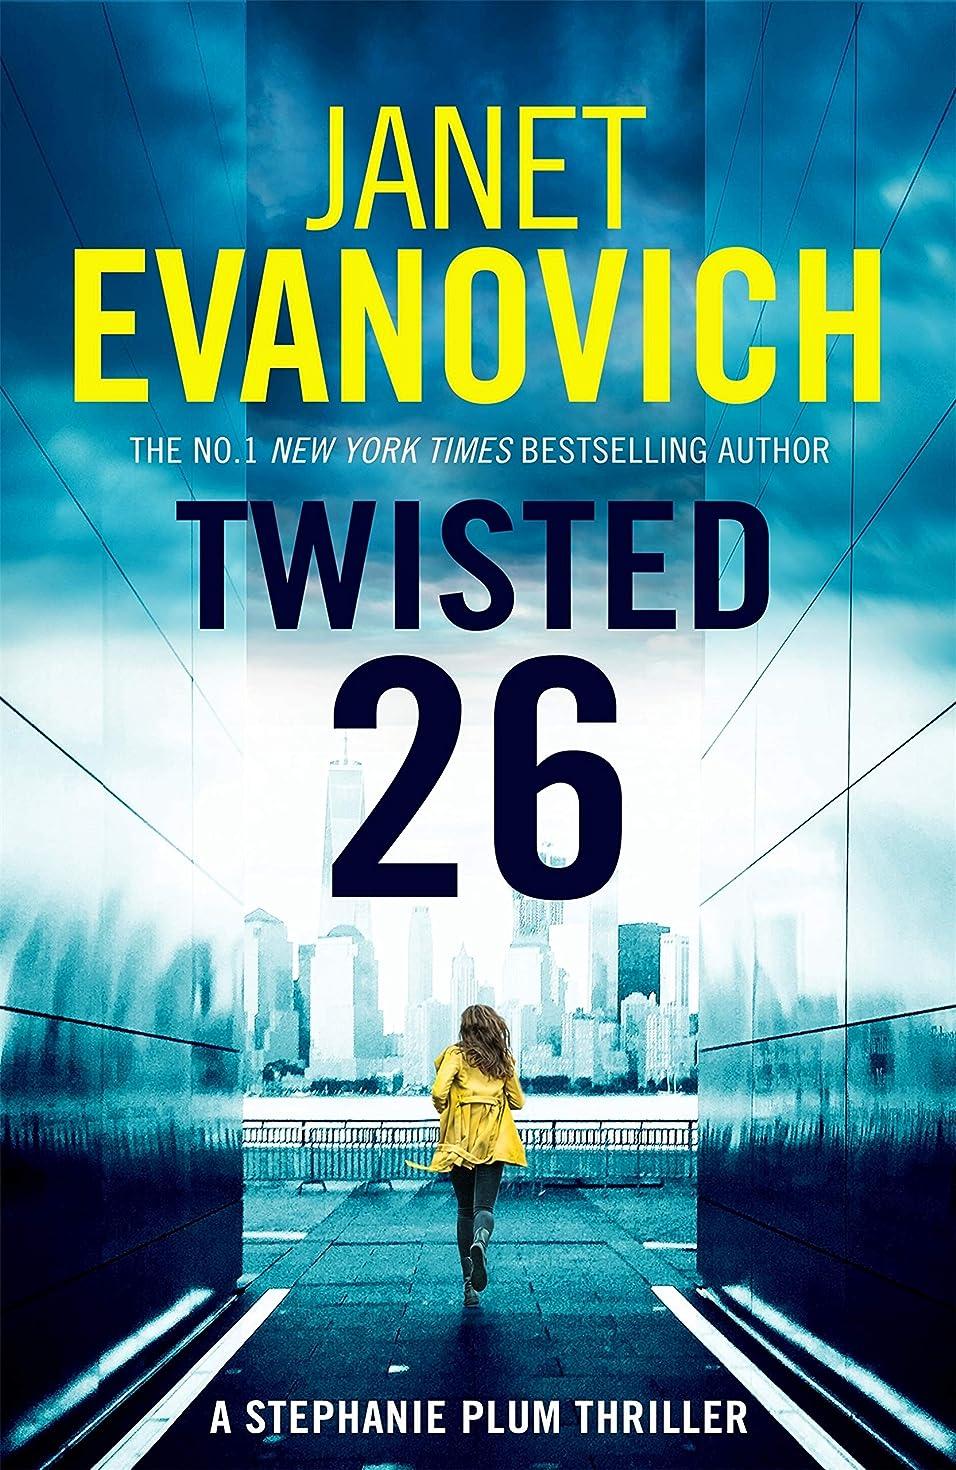 高度紳士気取りの、きざないじめっ子Twisted Twenty-Six (Stephanie Plum 26) (English Edition)